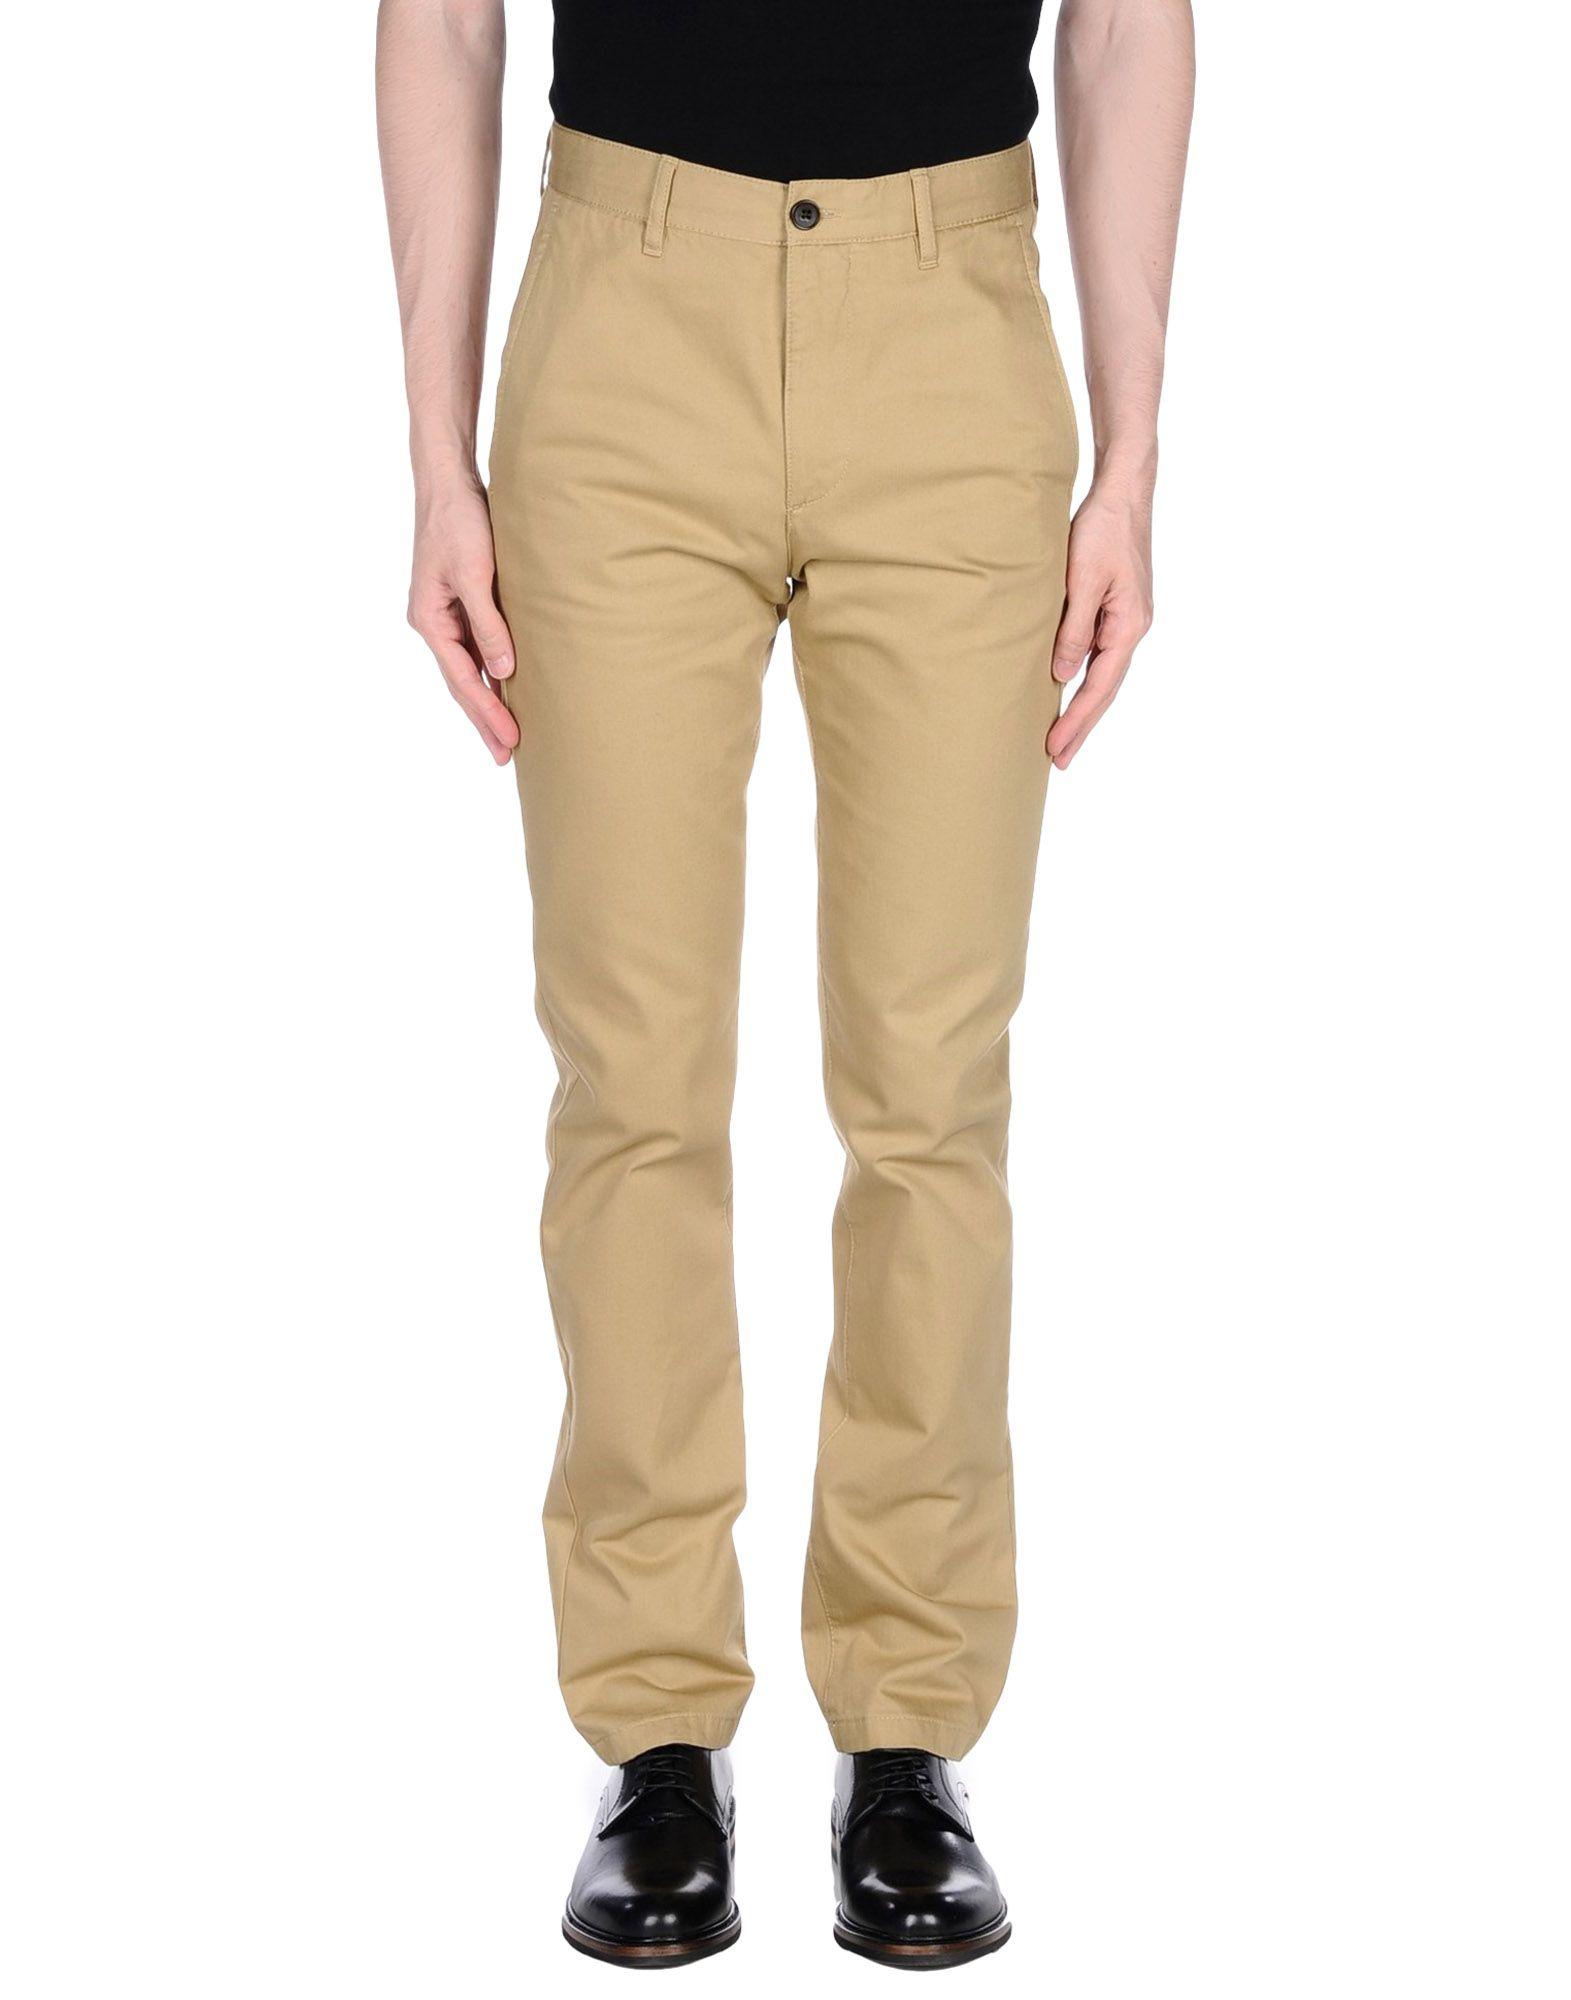 1f5e42b98 Buy acne studios pants for men - Best men's acne studios pants shop -  Cools.com